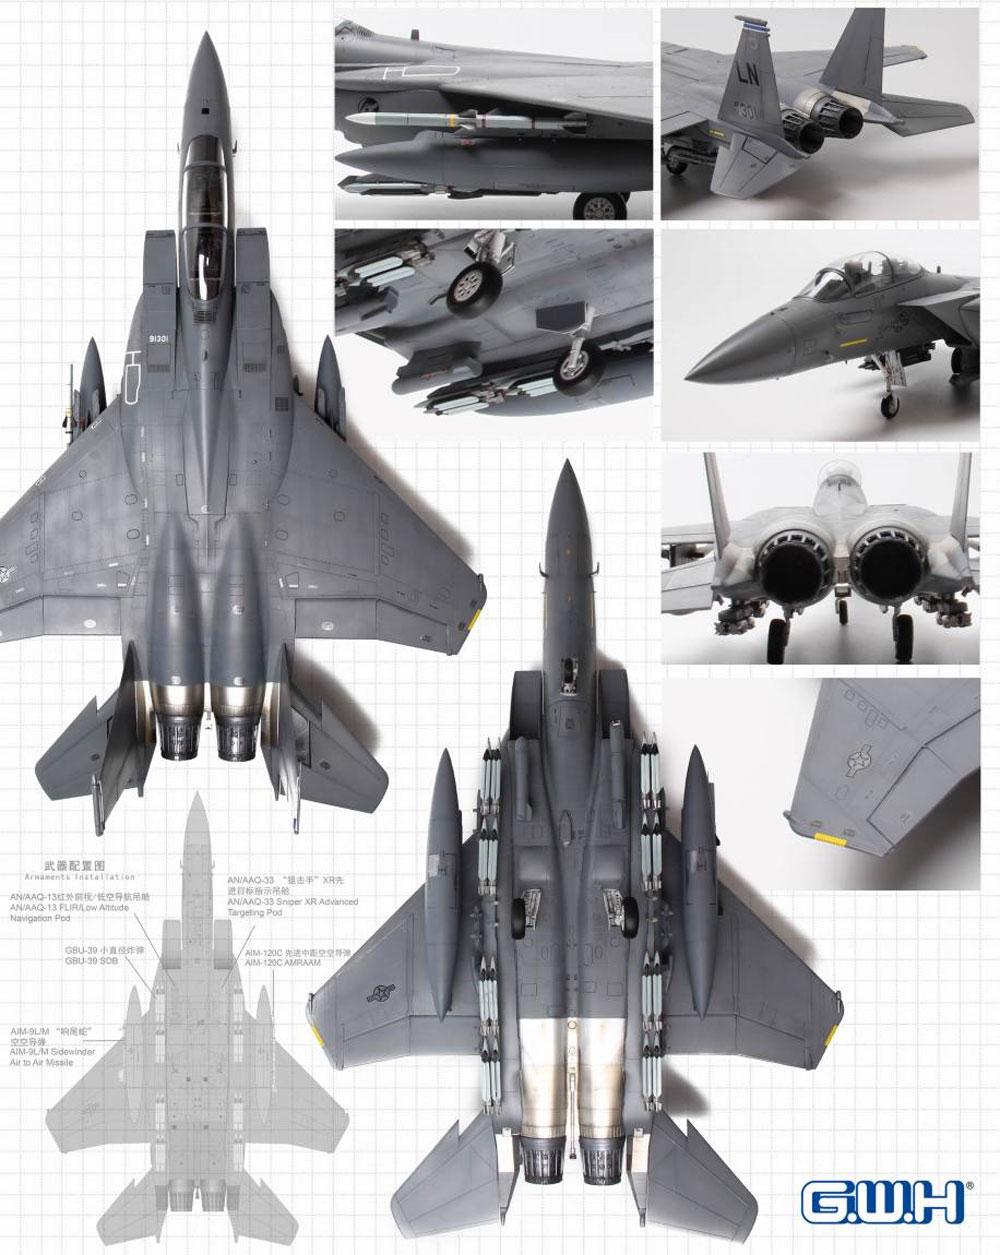 アメリカ空軍 F-15E ストライクイーグルプラモデル(グレートウォールホビー1/48 ミリタリーエアクラフト プラモデルNo.L4822)商品画像_3